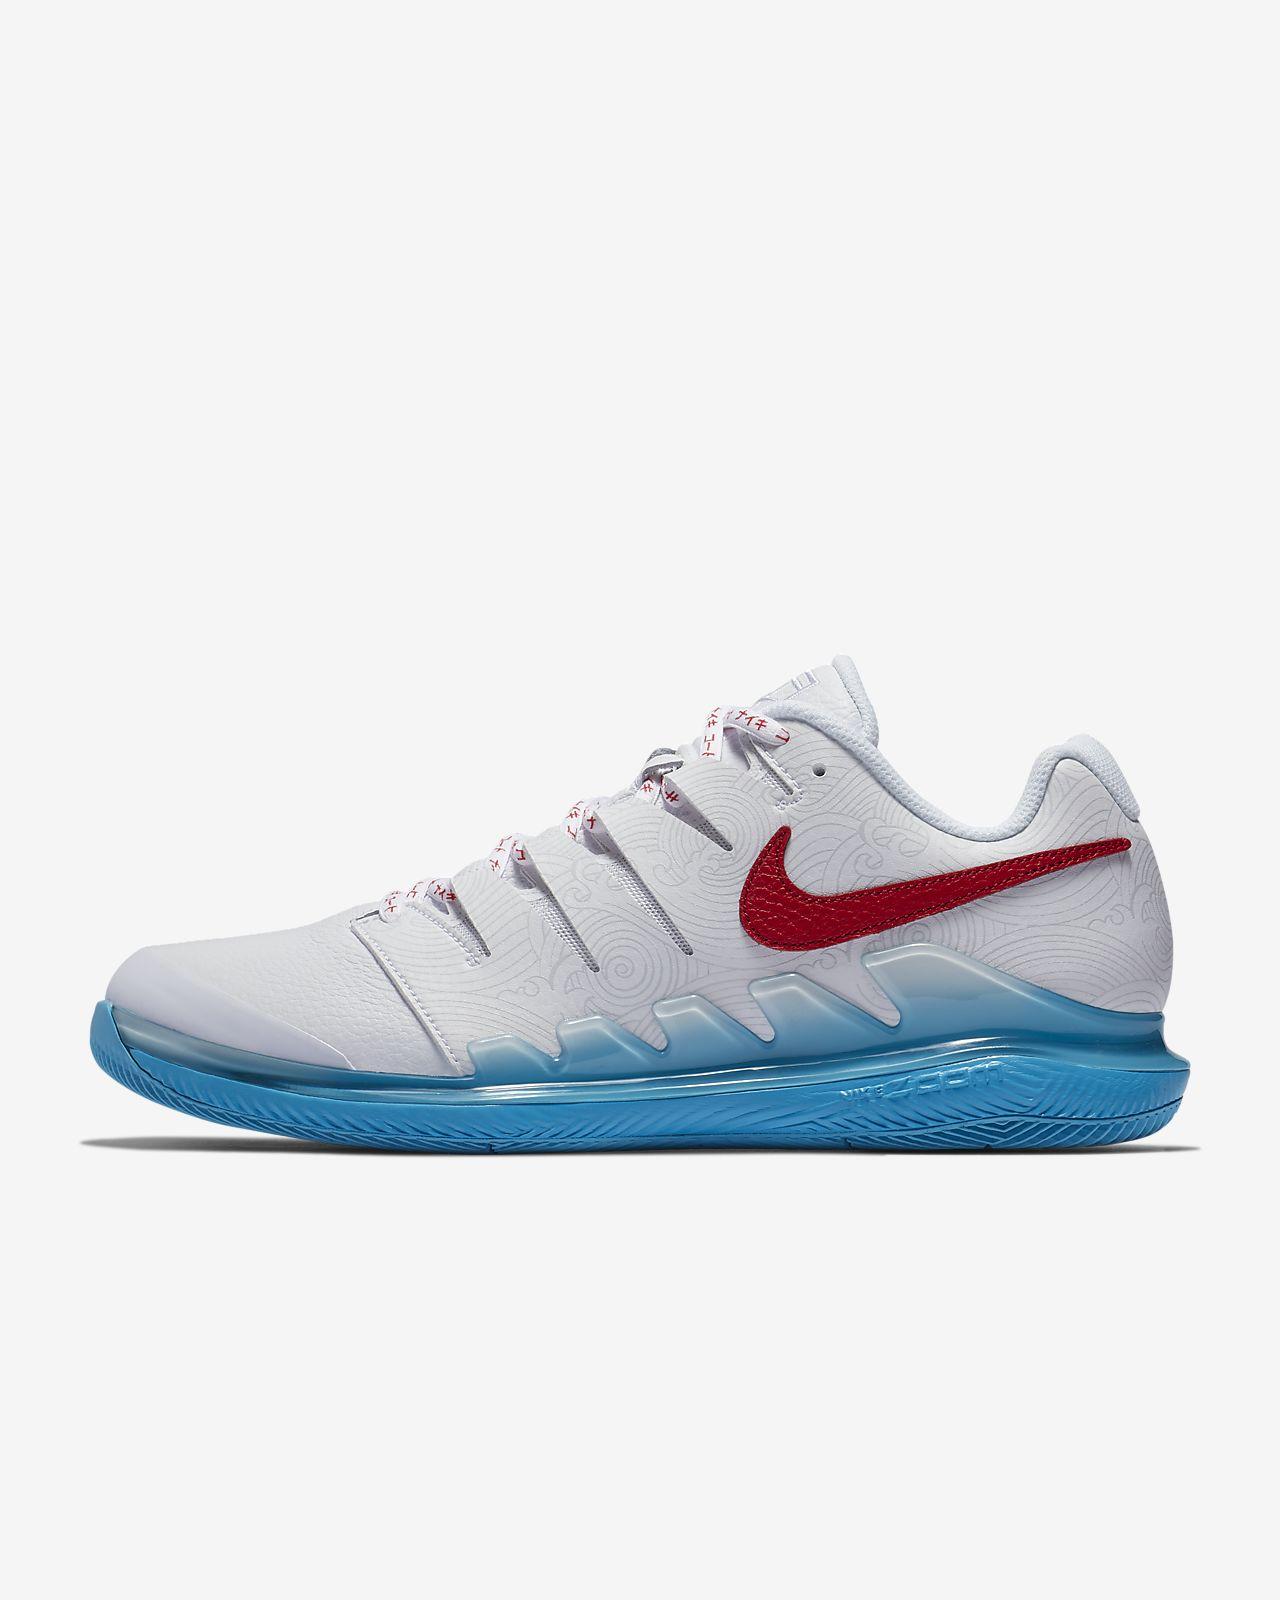 รองเท้าเทนนิสคอร์ทปูนผู้ชาย NikeCourt Air Zoom Vapor X Leather